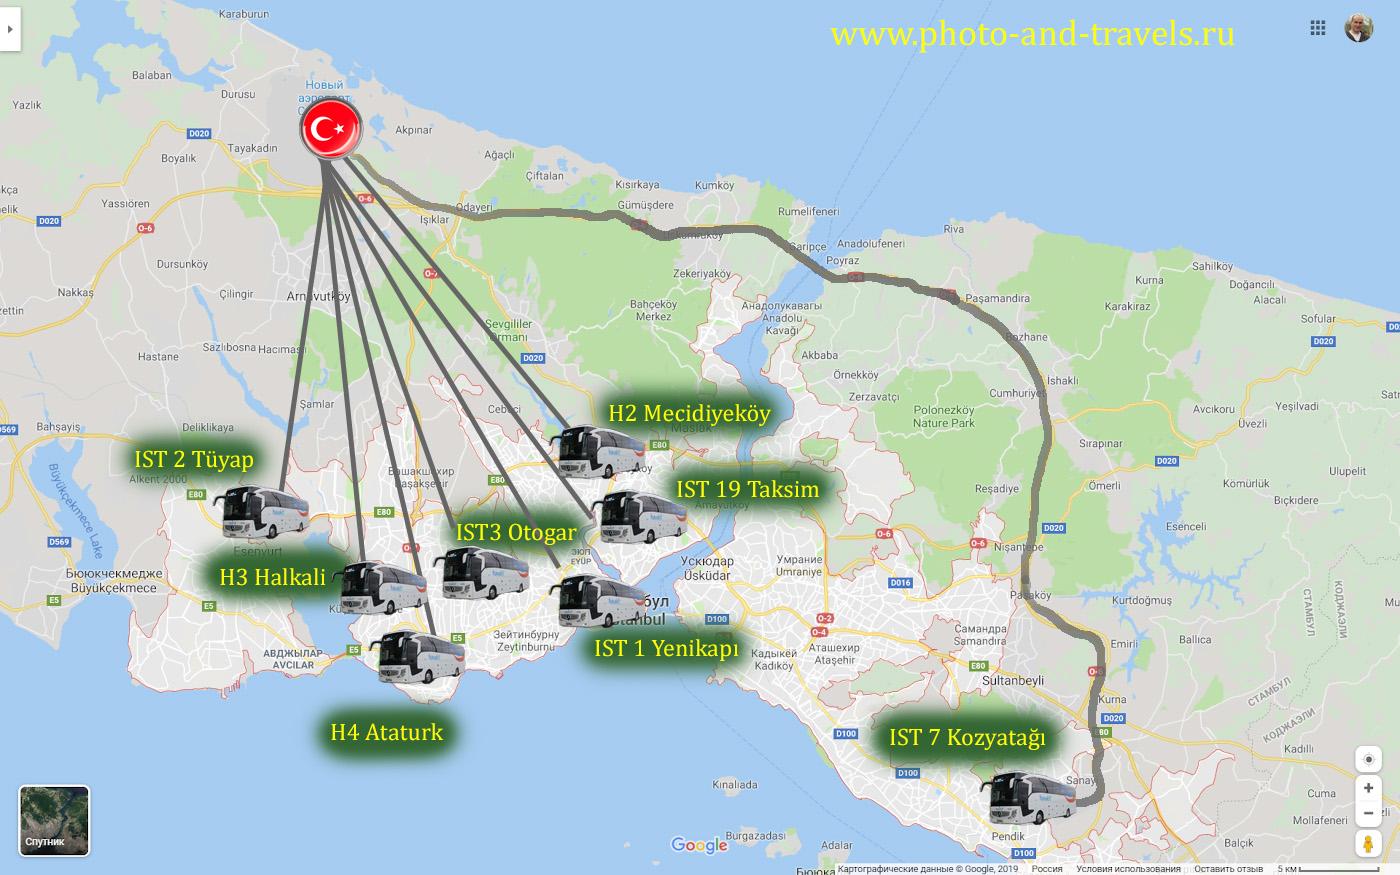 39. Схема маршрутов автобусов (шаттлов) «Havaist», поясняющая, как добраться в центр города на площади Таксим и Султанахмет.